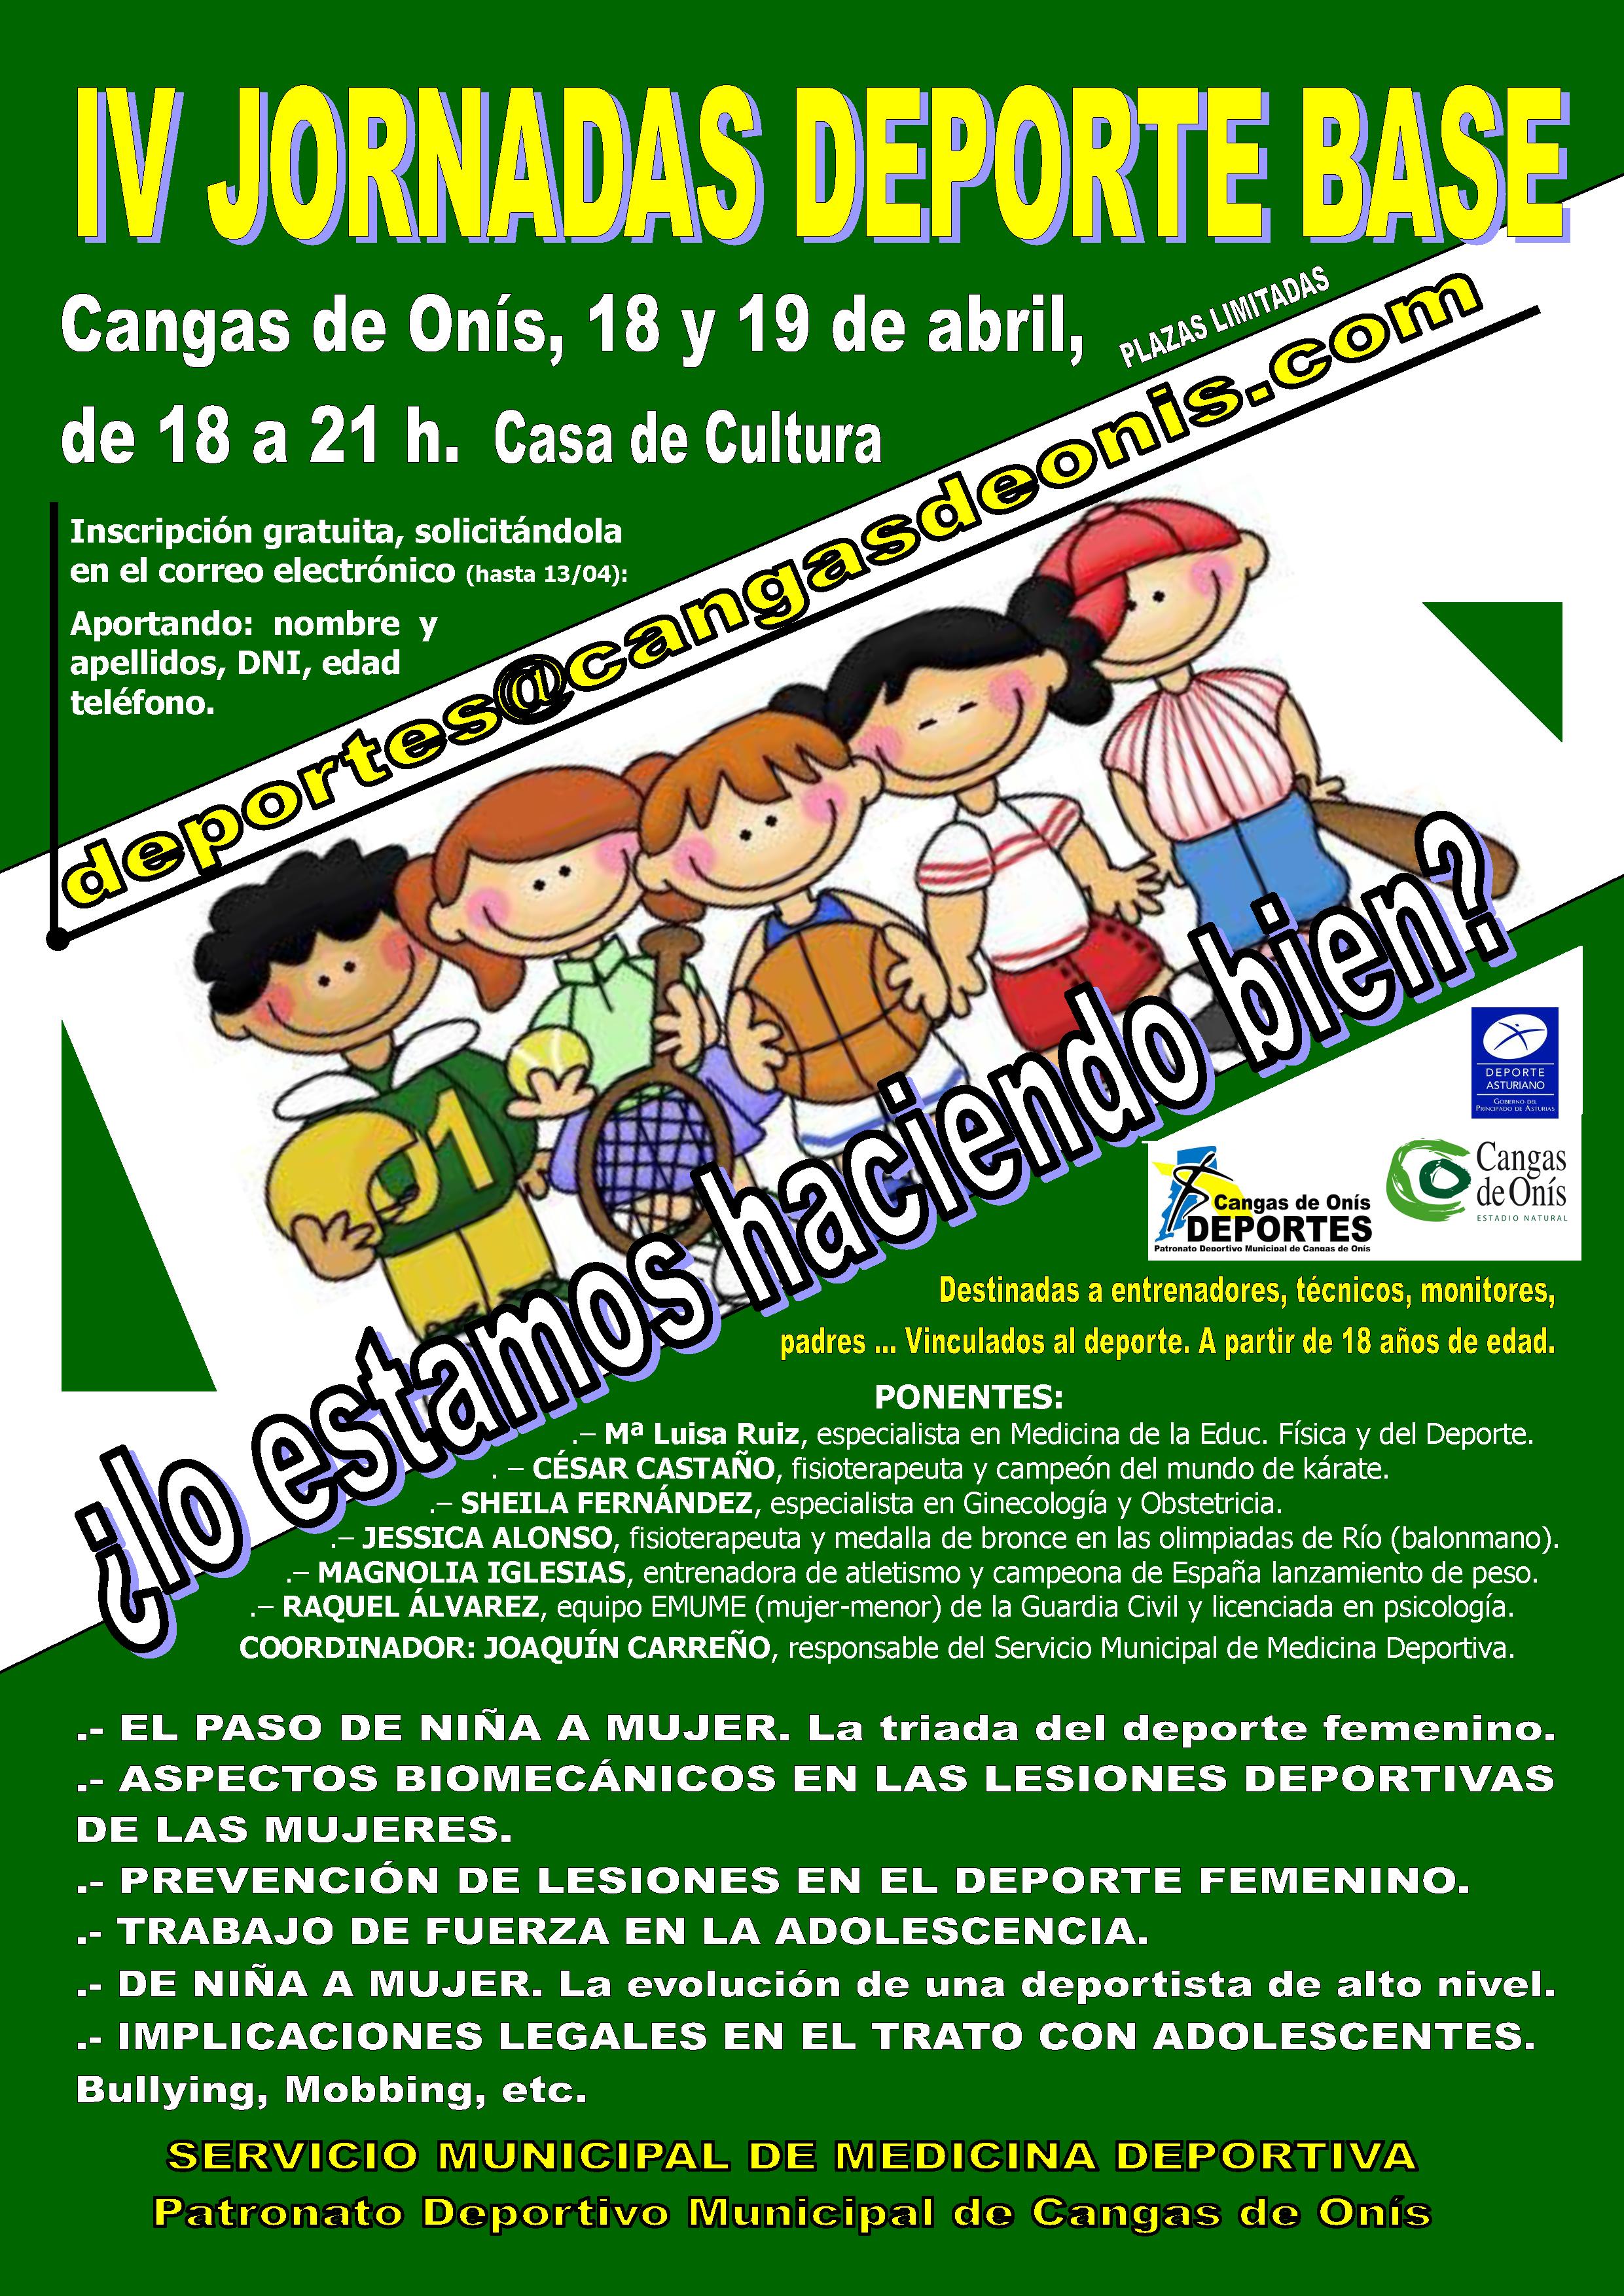 deporte-asturiano-noticias-información-díptico-jornadas-deporte-base-2018_Página_1